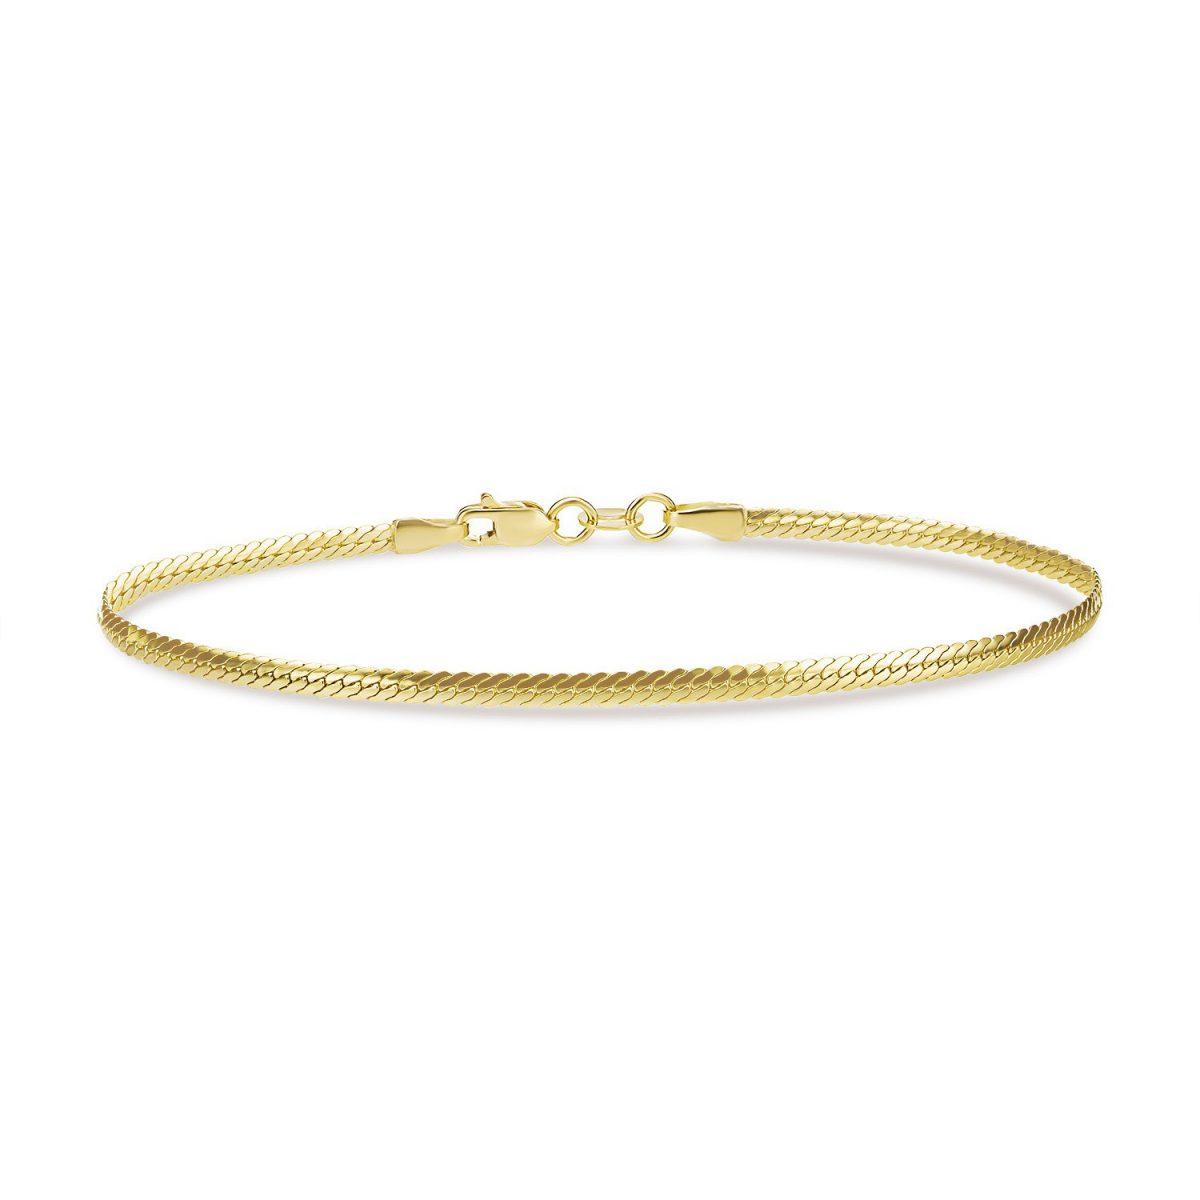 צמיד זהב - שירין - זהב צהוב